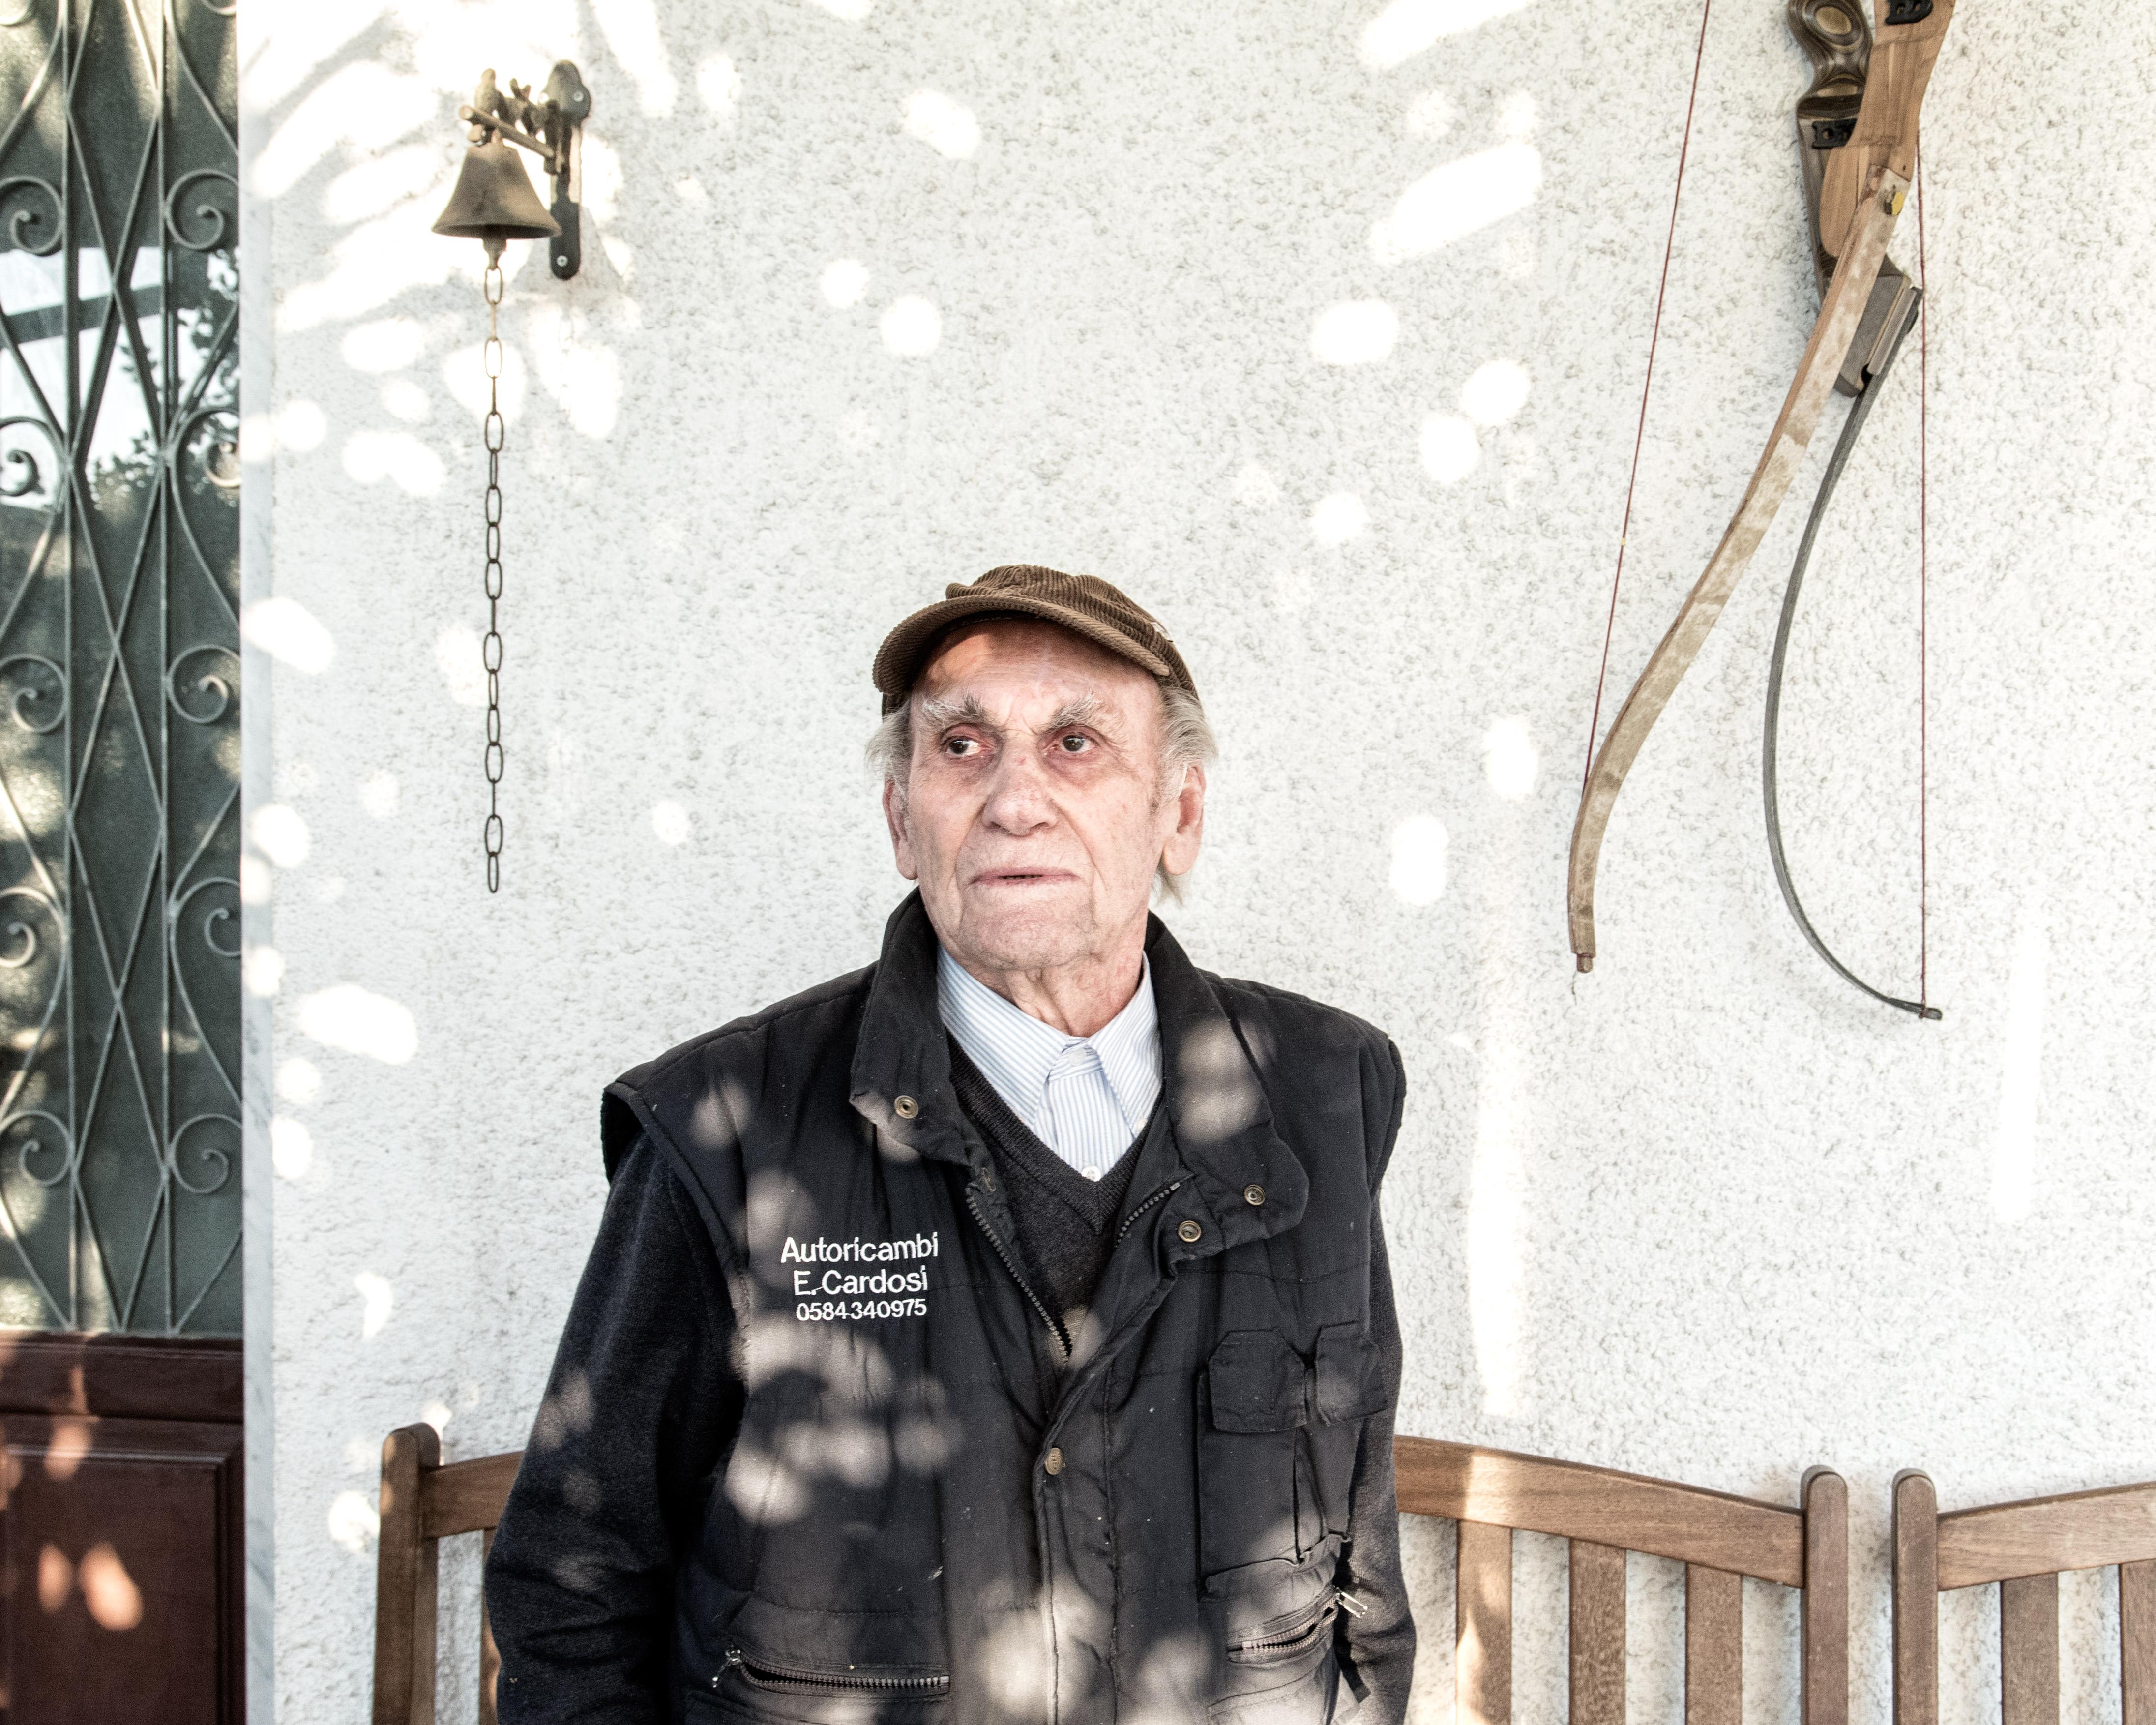 Aldo Cagnoni, durante le manifestazioni per la chiusura della Farmoplant è stato preso a manganellate dalla Polizia. E' stato anche vittima di espropri durante gli anni in cui l'area della Z.I.A. cresceva.